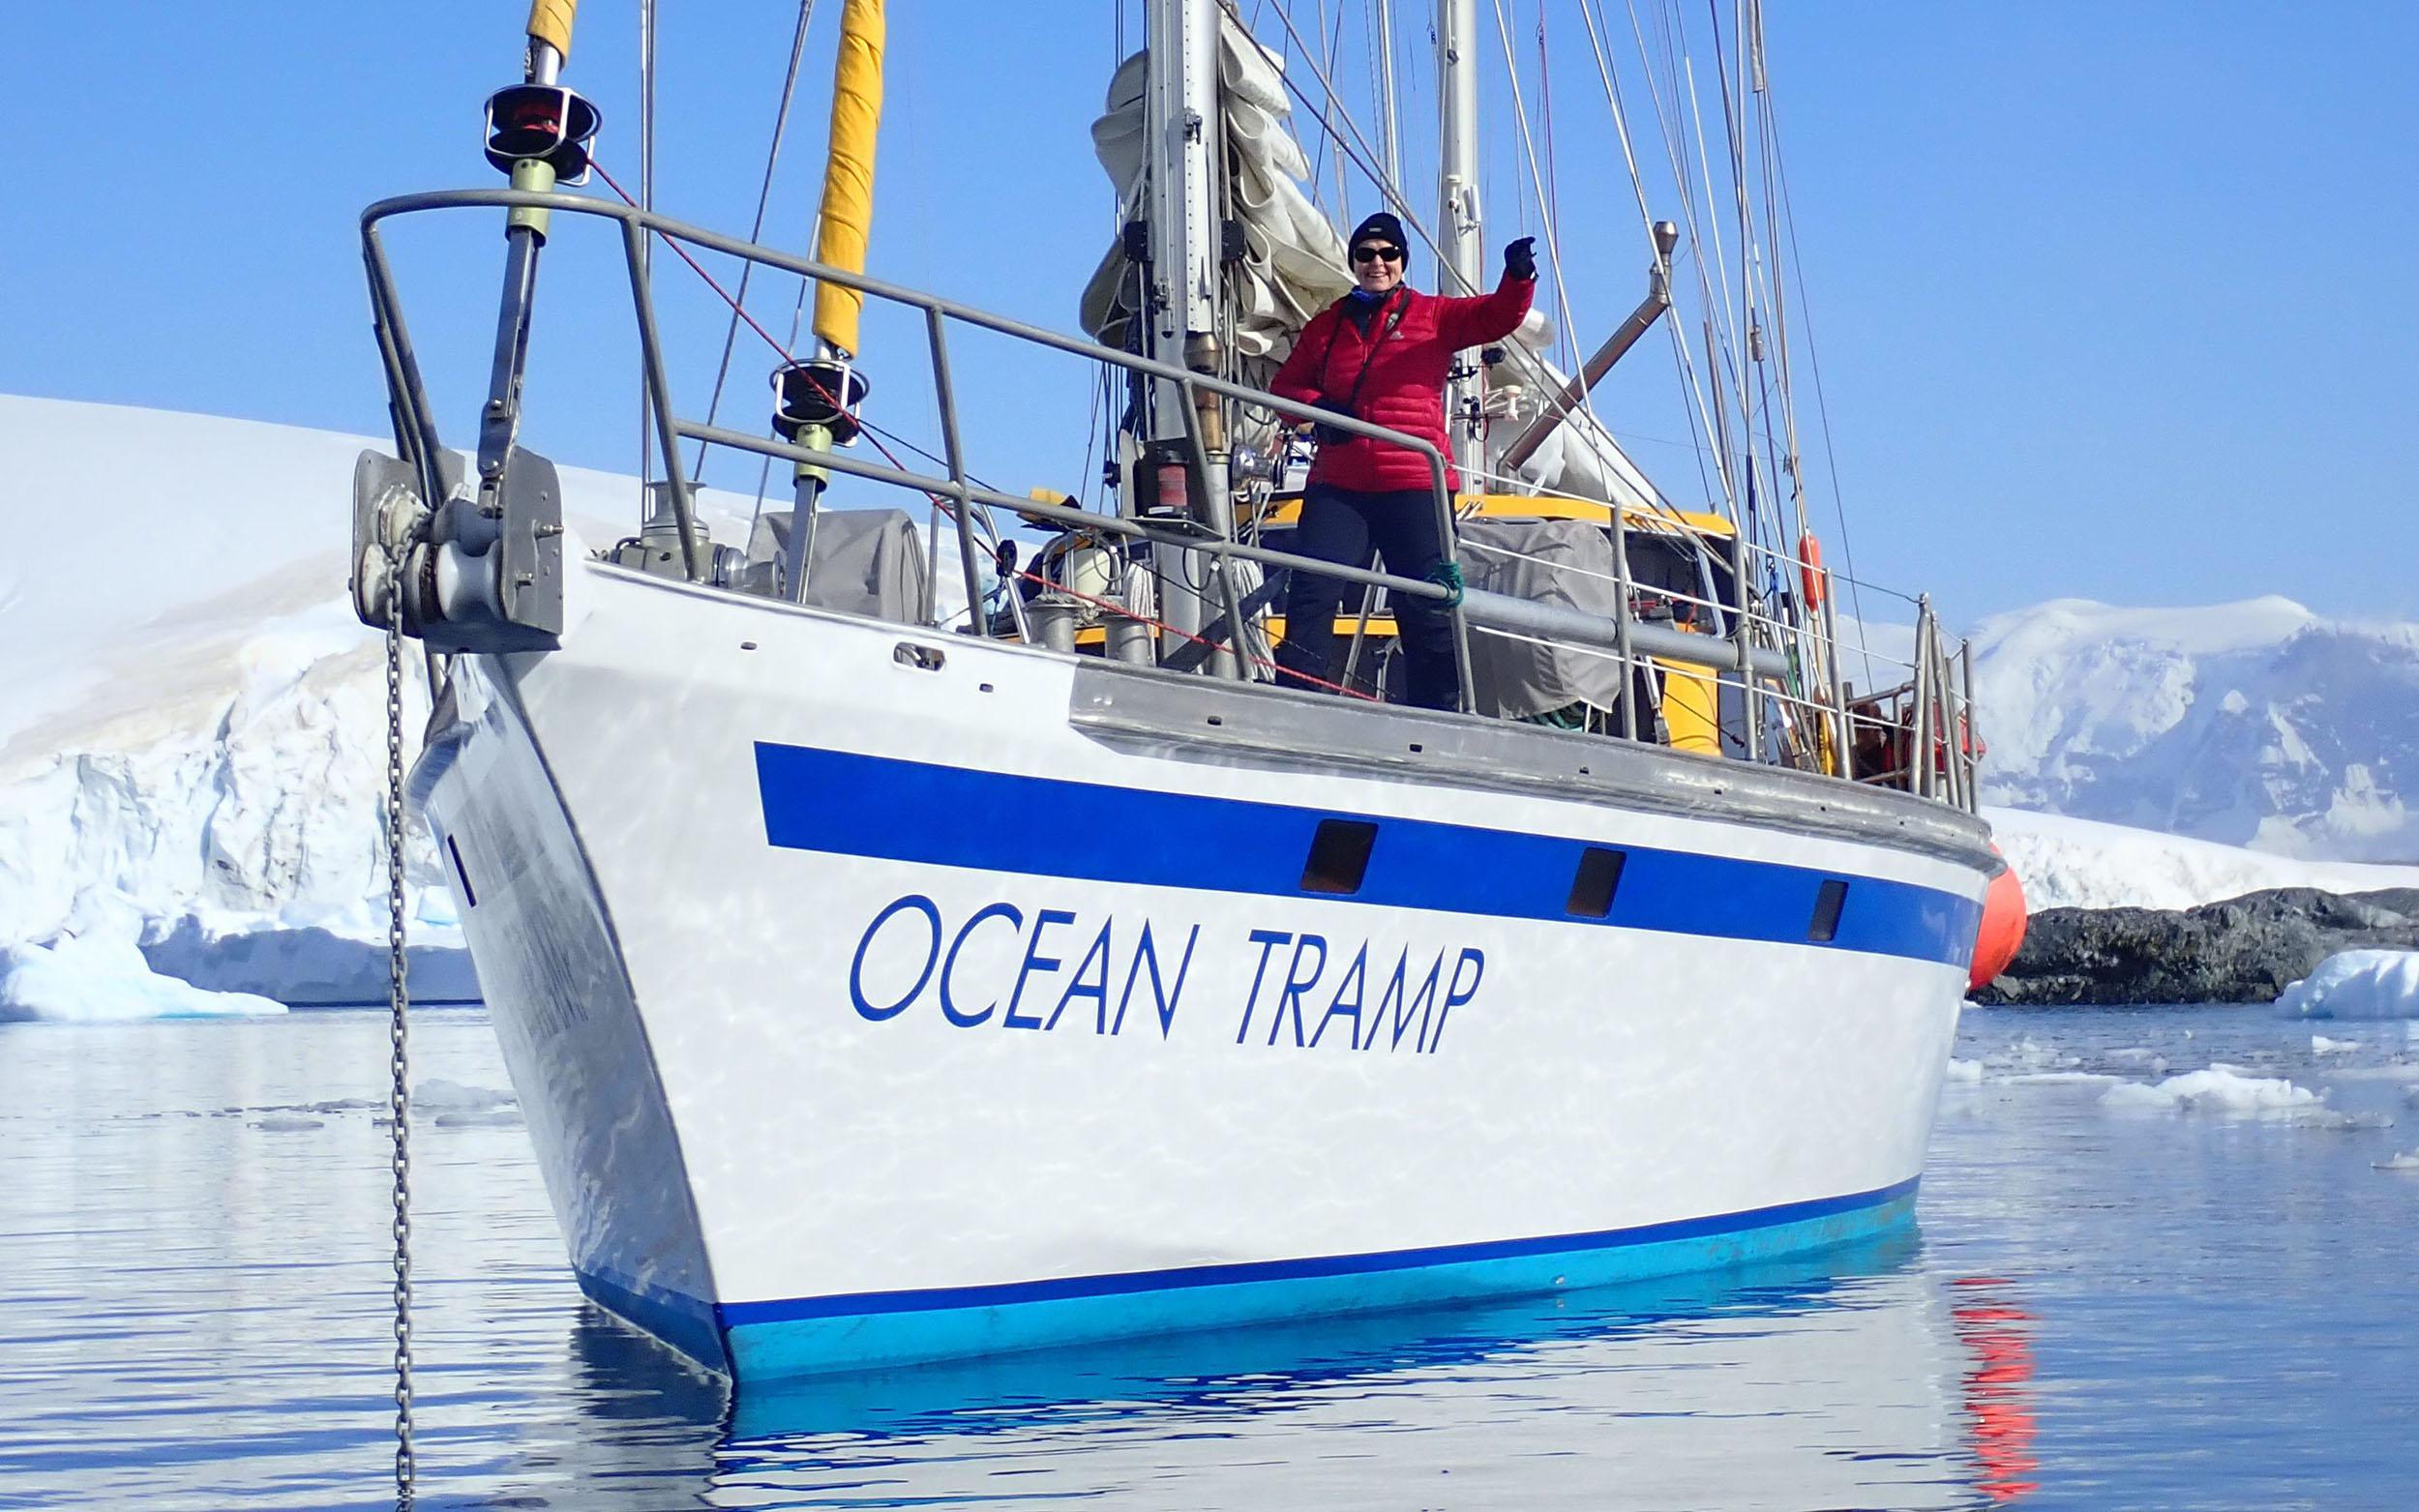 Ocean Tramp